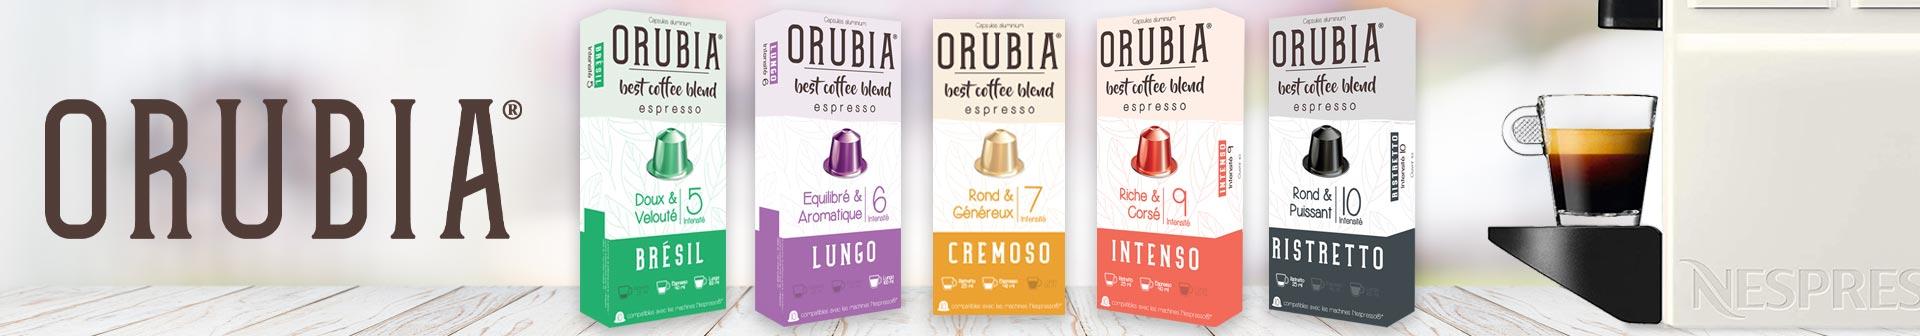 Gamme Orubia